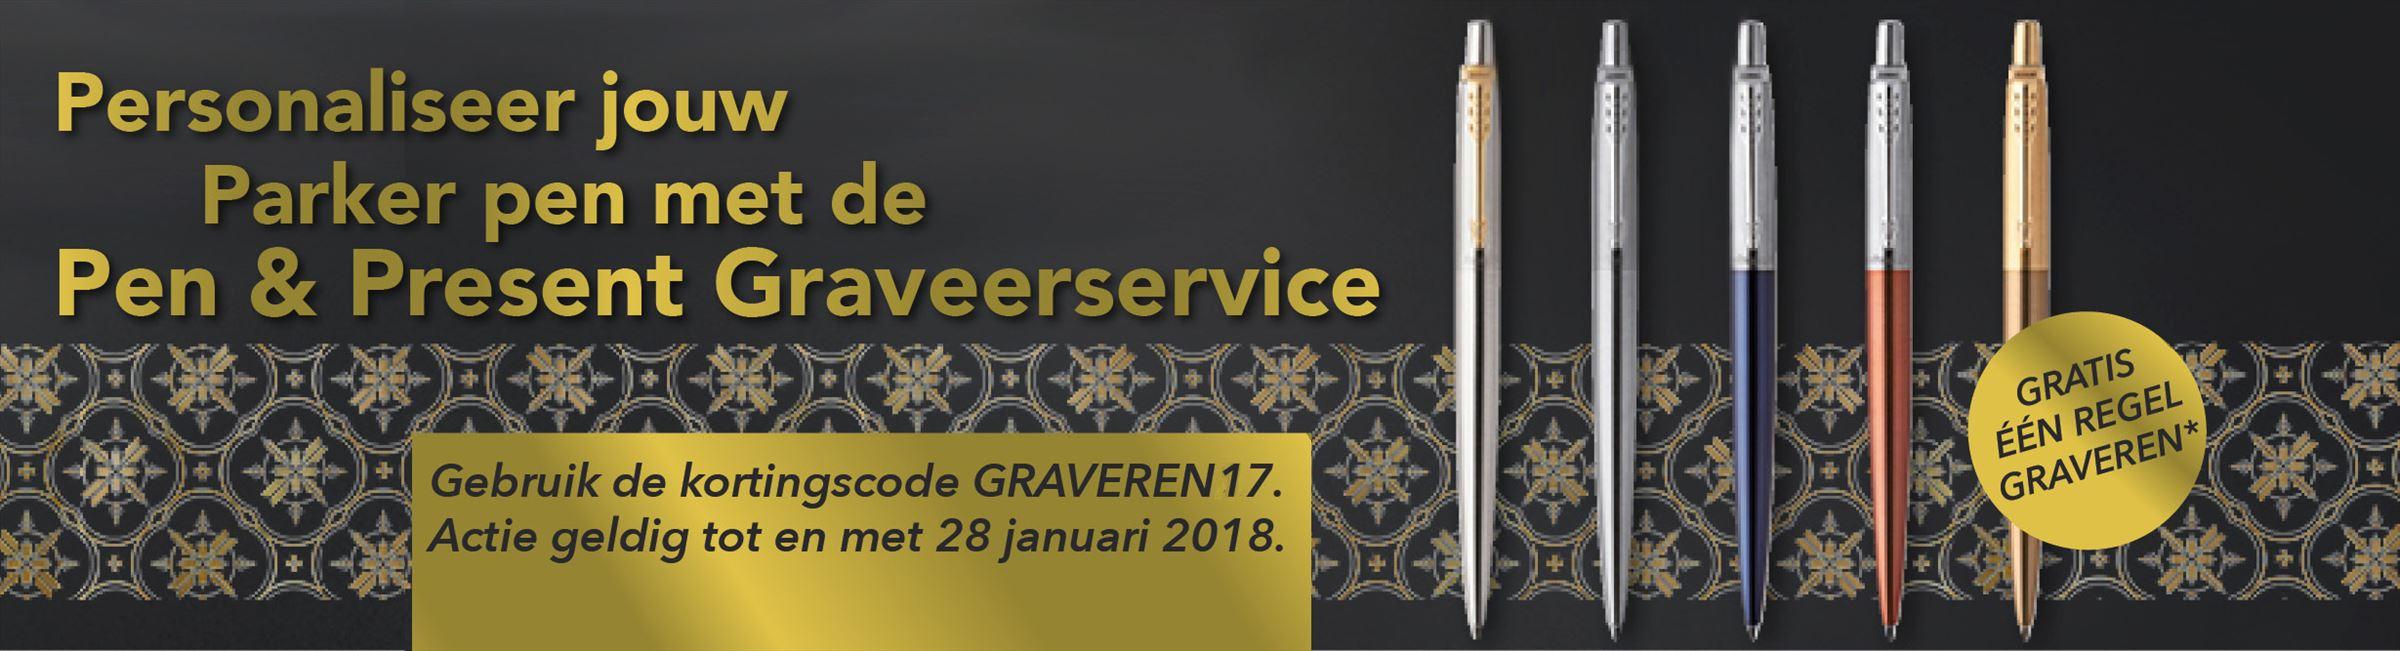 Graveerservice